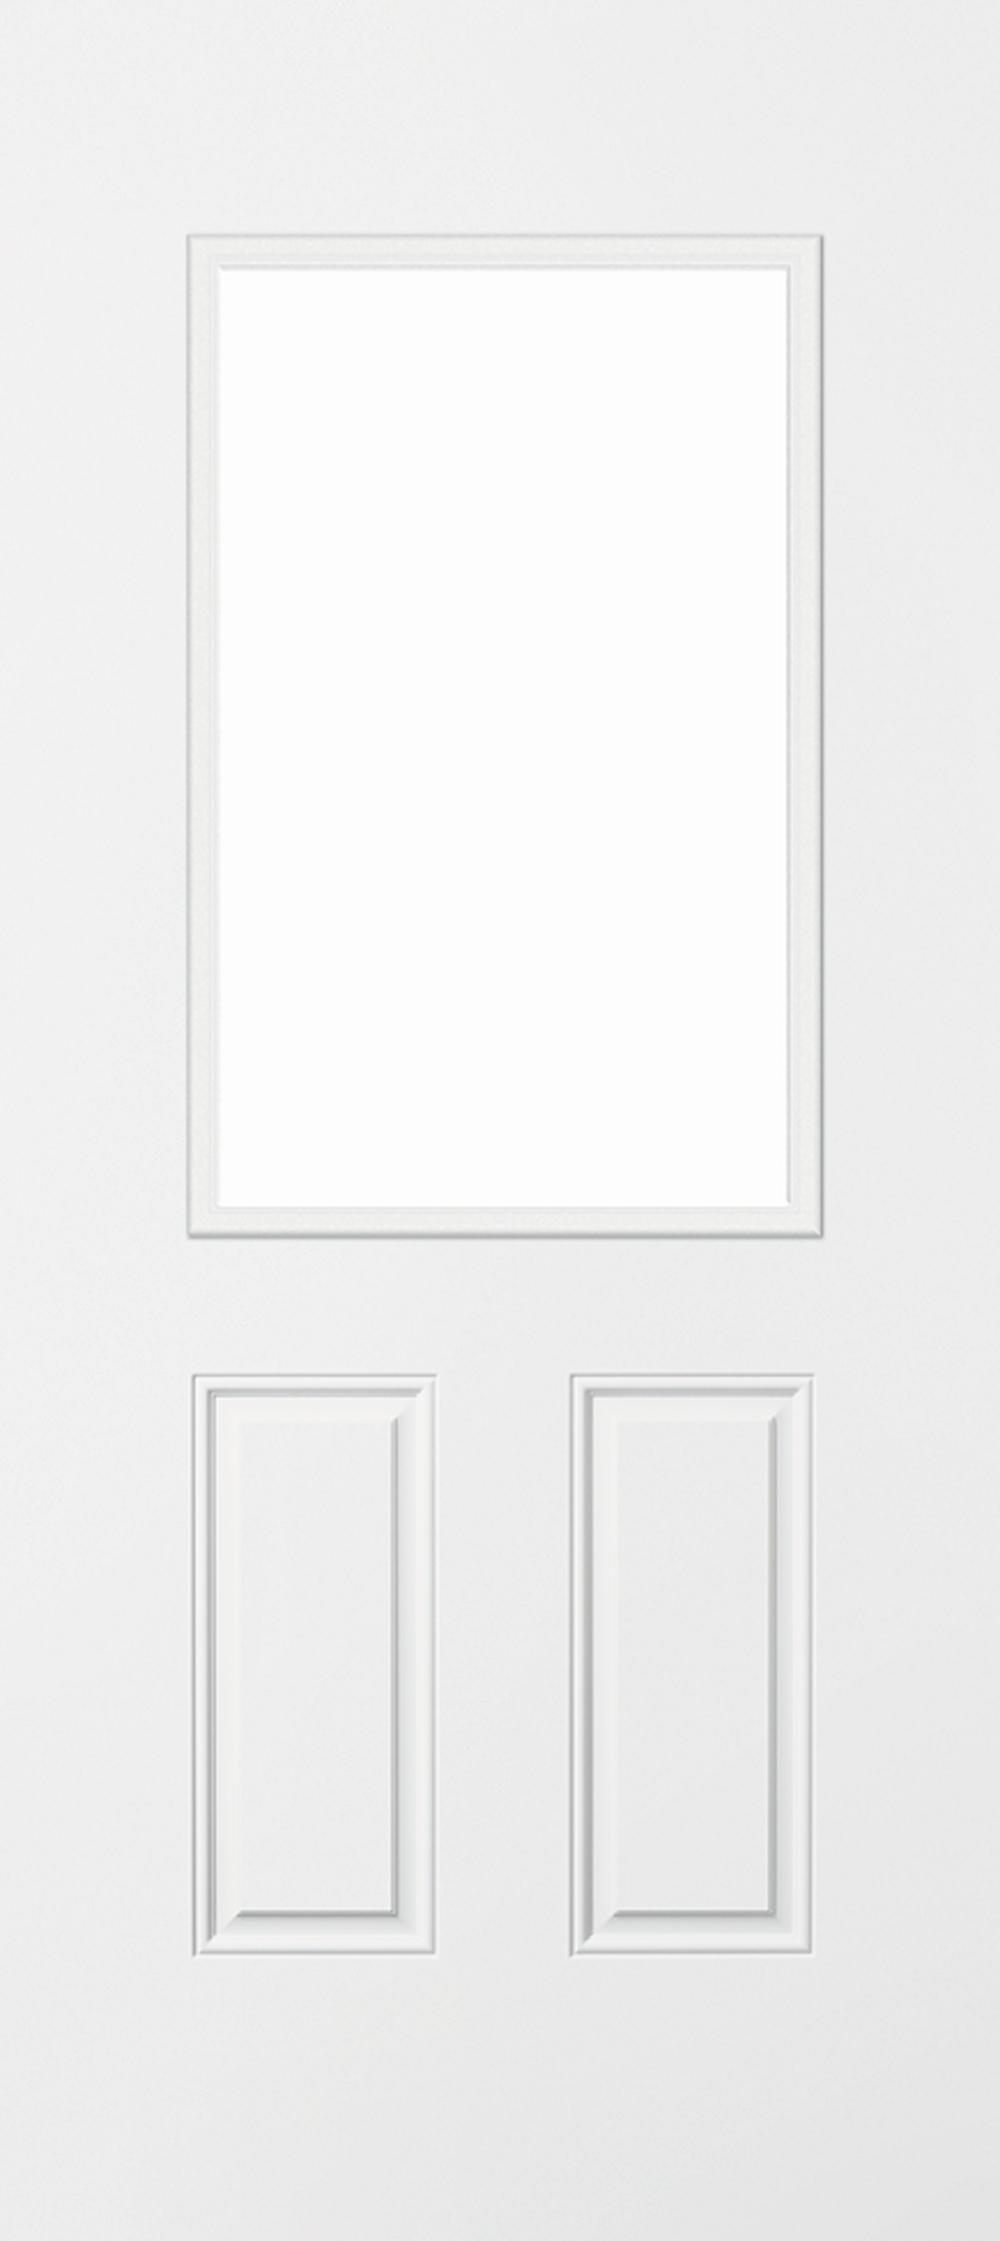 Glass Panel Exterior Door willmar steel glass panel exterior door | jeld-wen windows & doors